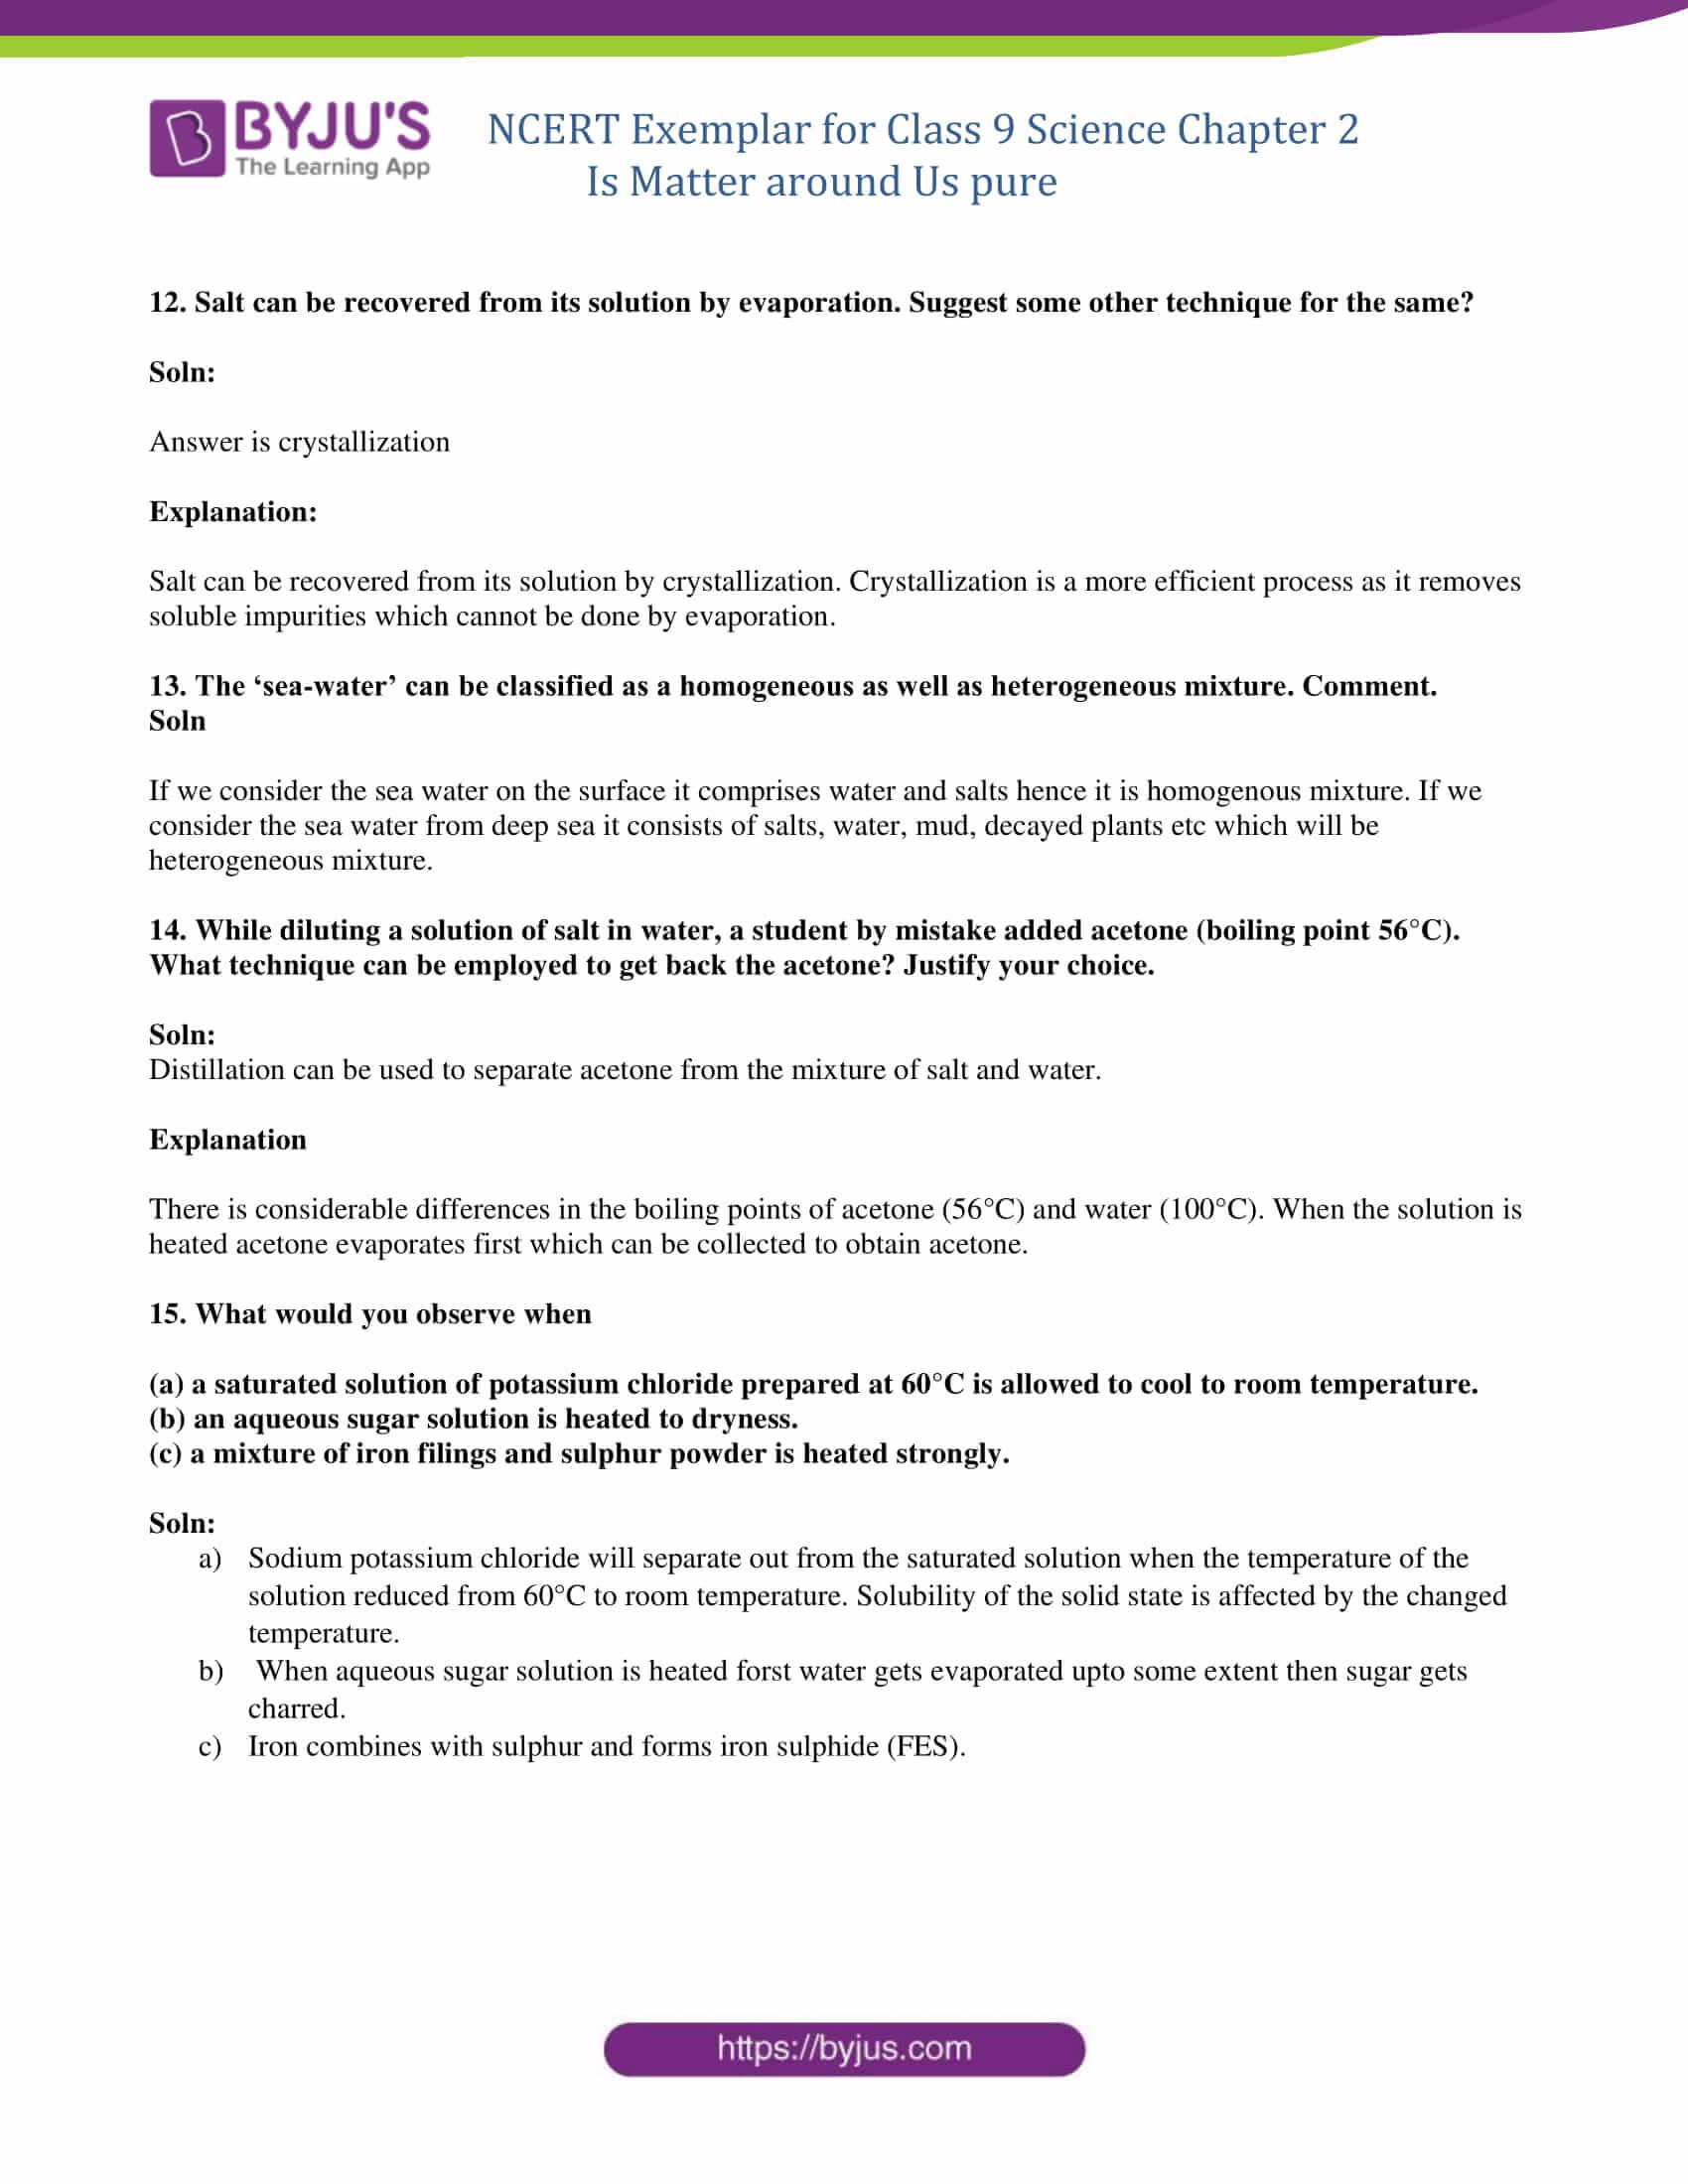 NCERT Exemplar solution class 9 Chapter 2 Part 08